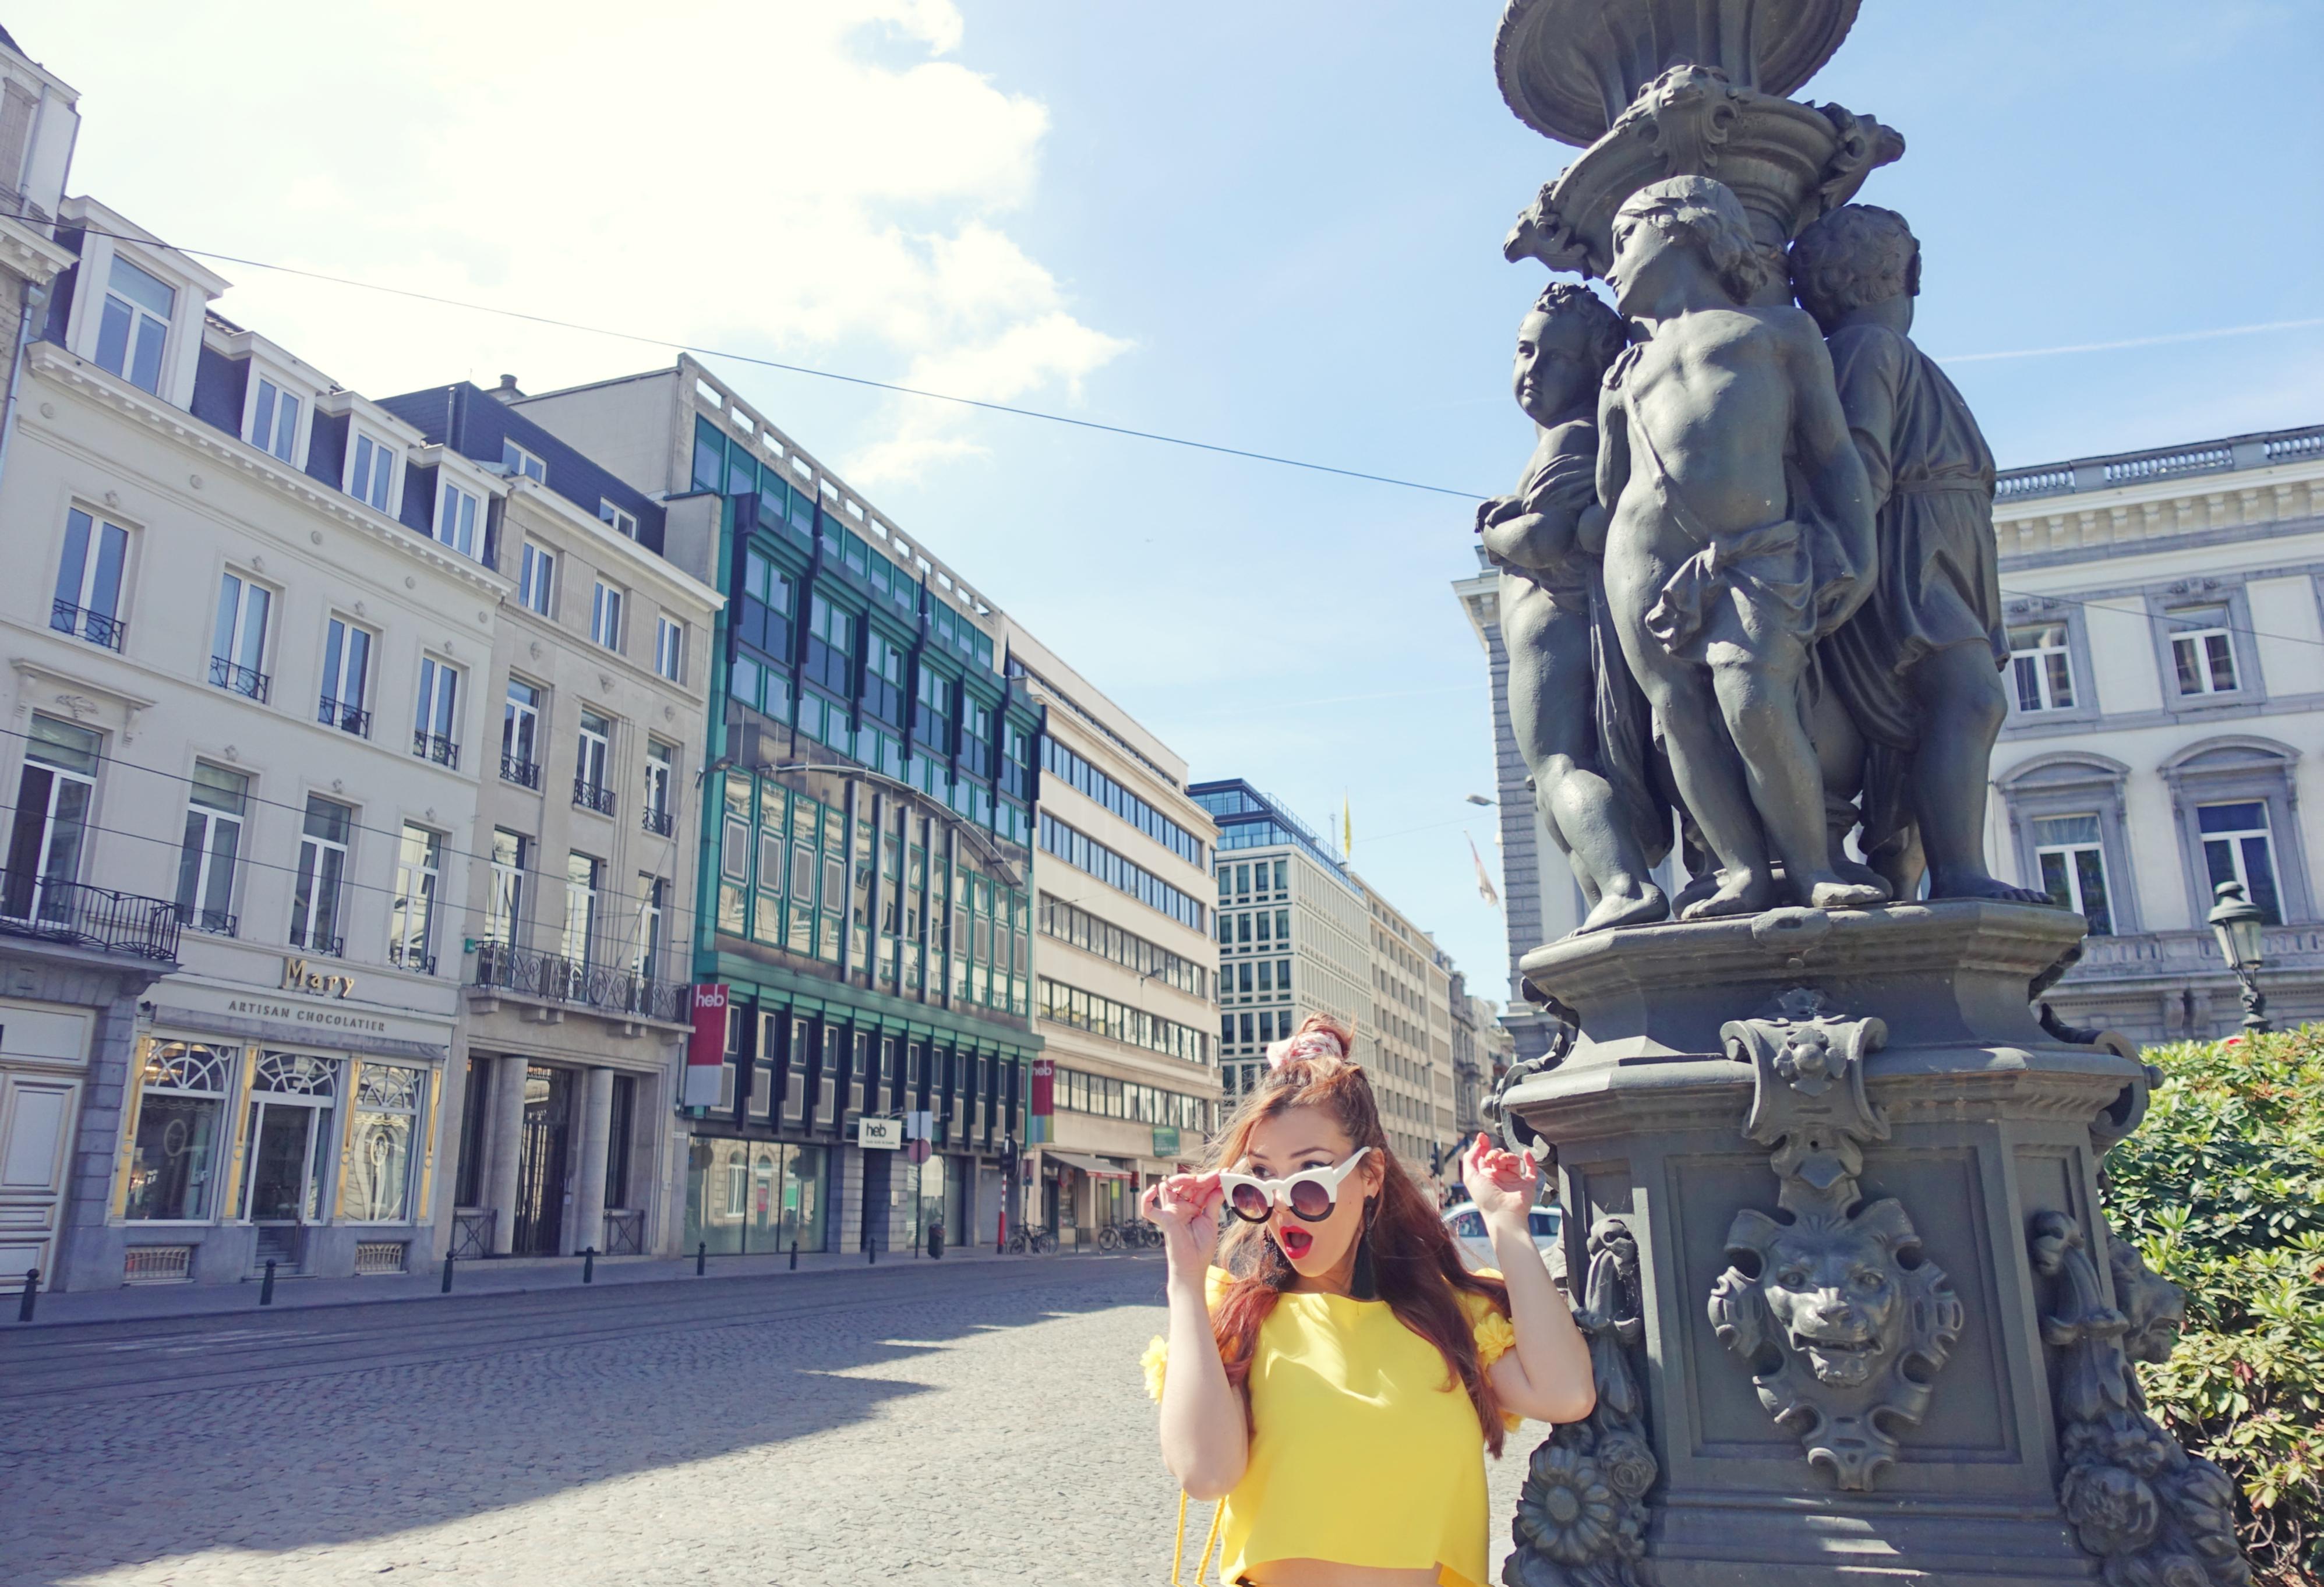 Que-ver-en-bruselas-blog-de-moda-ChicAdicta-influencer-PiensaenChic-blusa-aramat-Chic-adicta-look-amarillo-Piensa-en-Chic